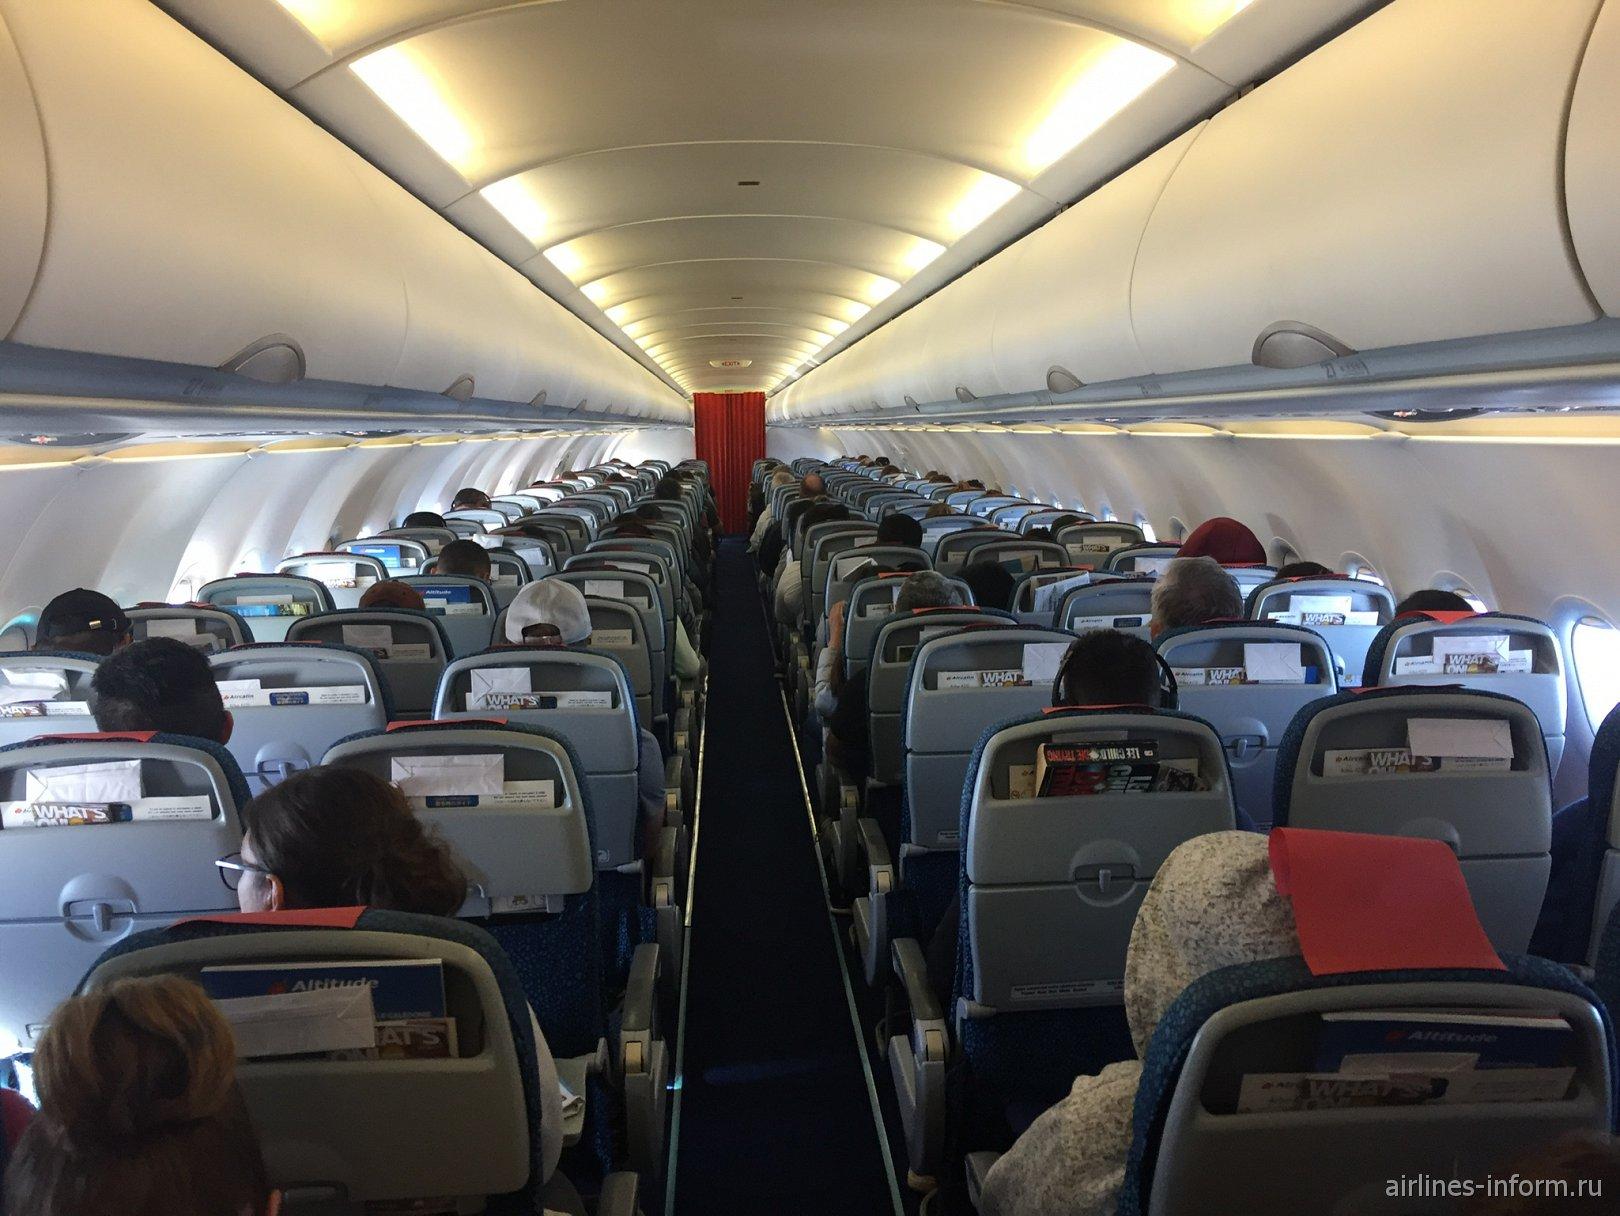 Пассажирский салона самолета Airbus A320 авиакомпании Aircalin